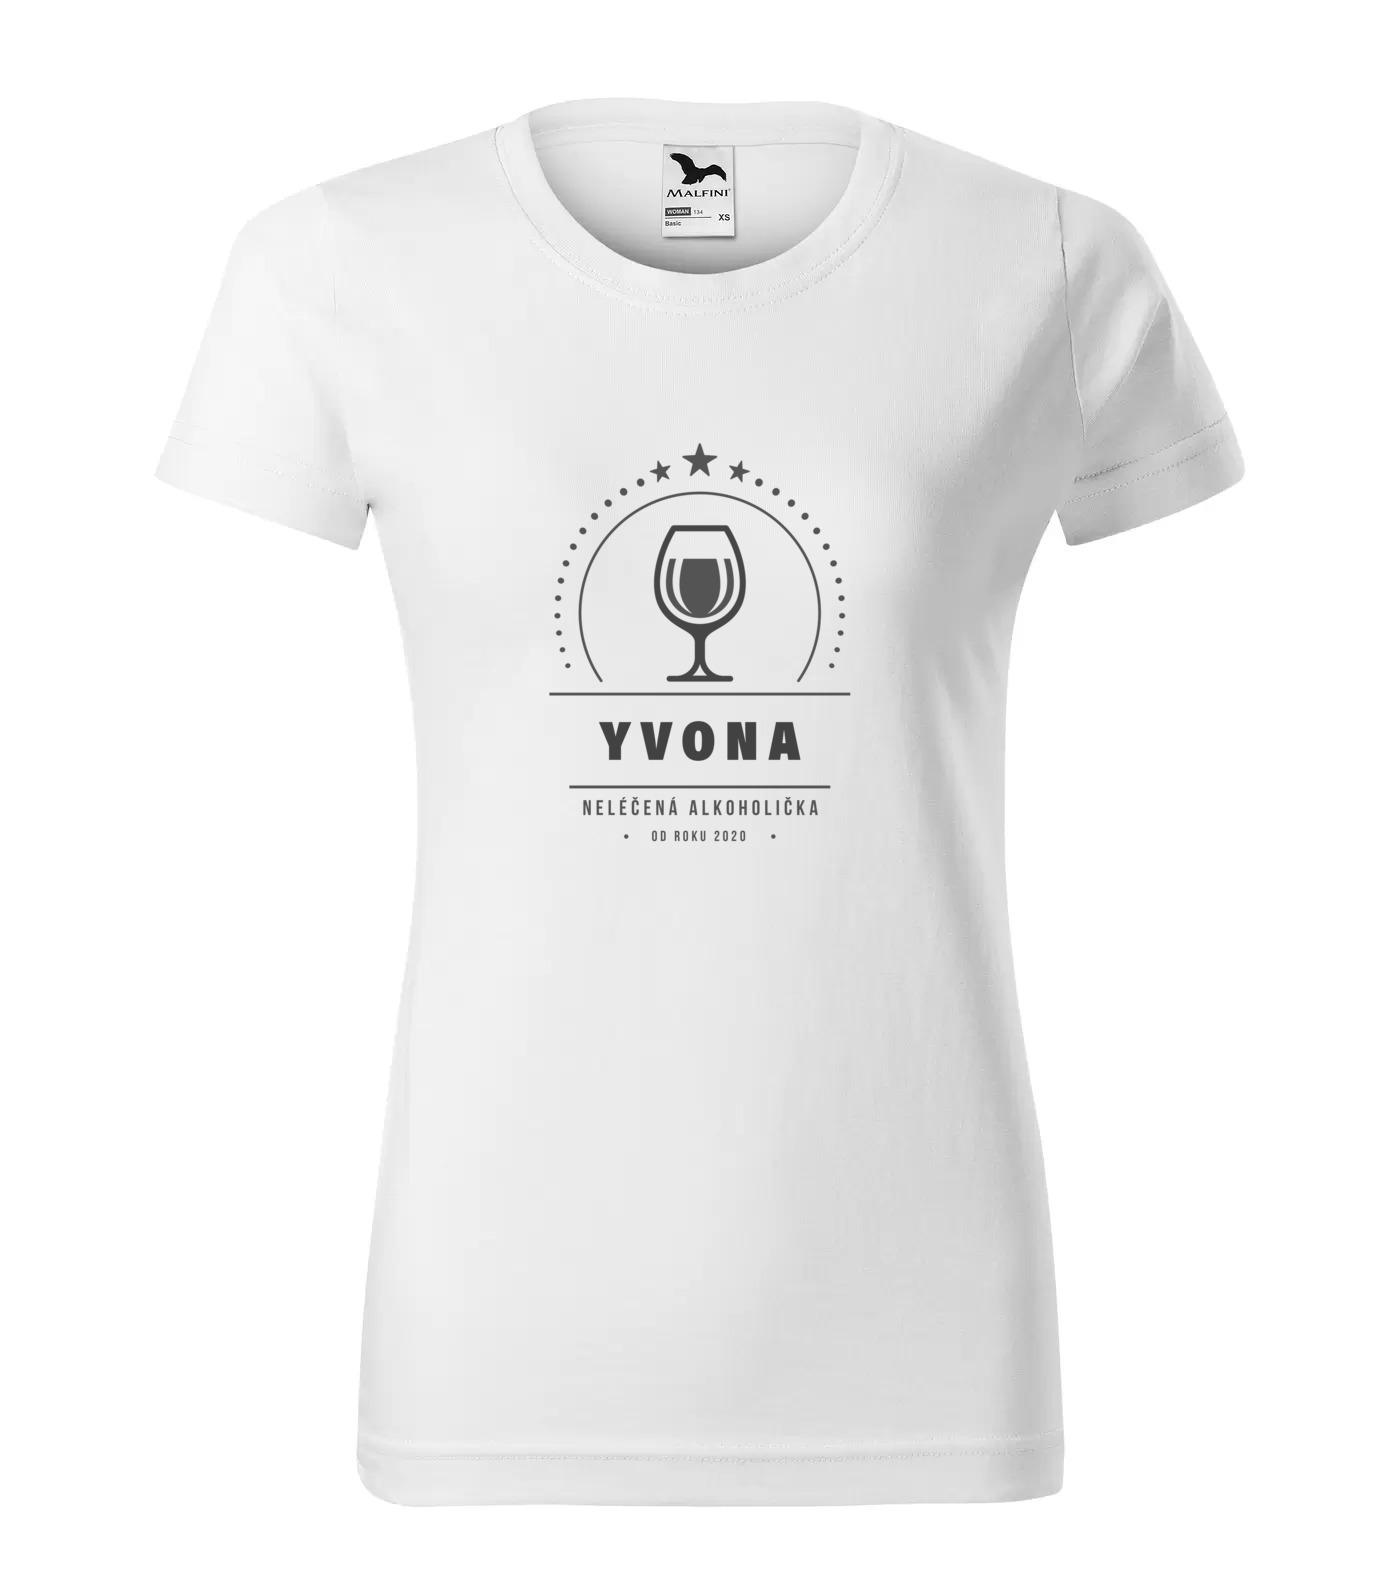 Tričko Alkoholička Yvona